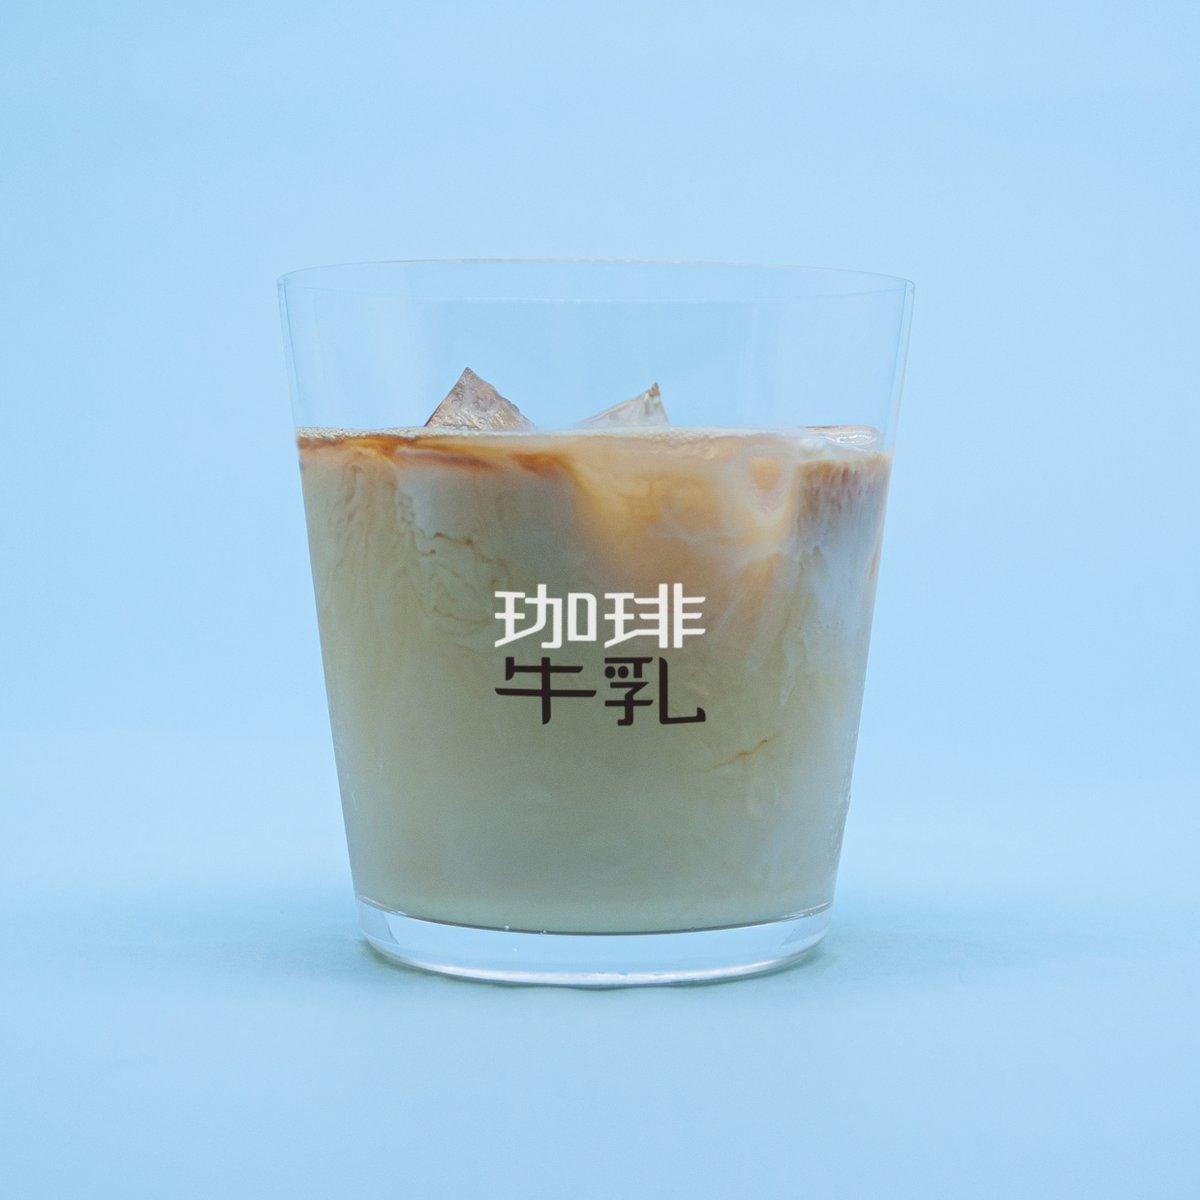 讓你判斷杯裡面是咖啡、牛奶還是咖啡牛奶的杯子 EjPbCxcUwAAceyl